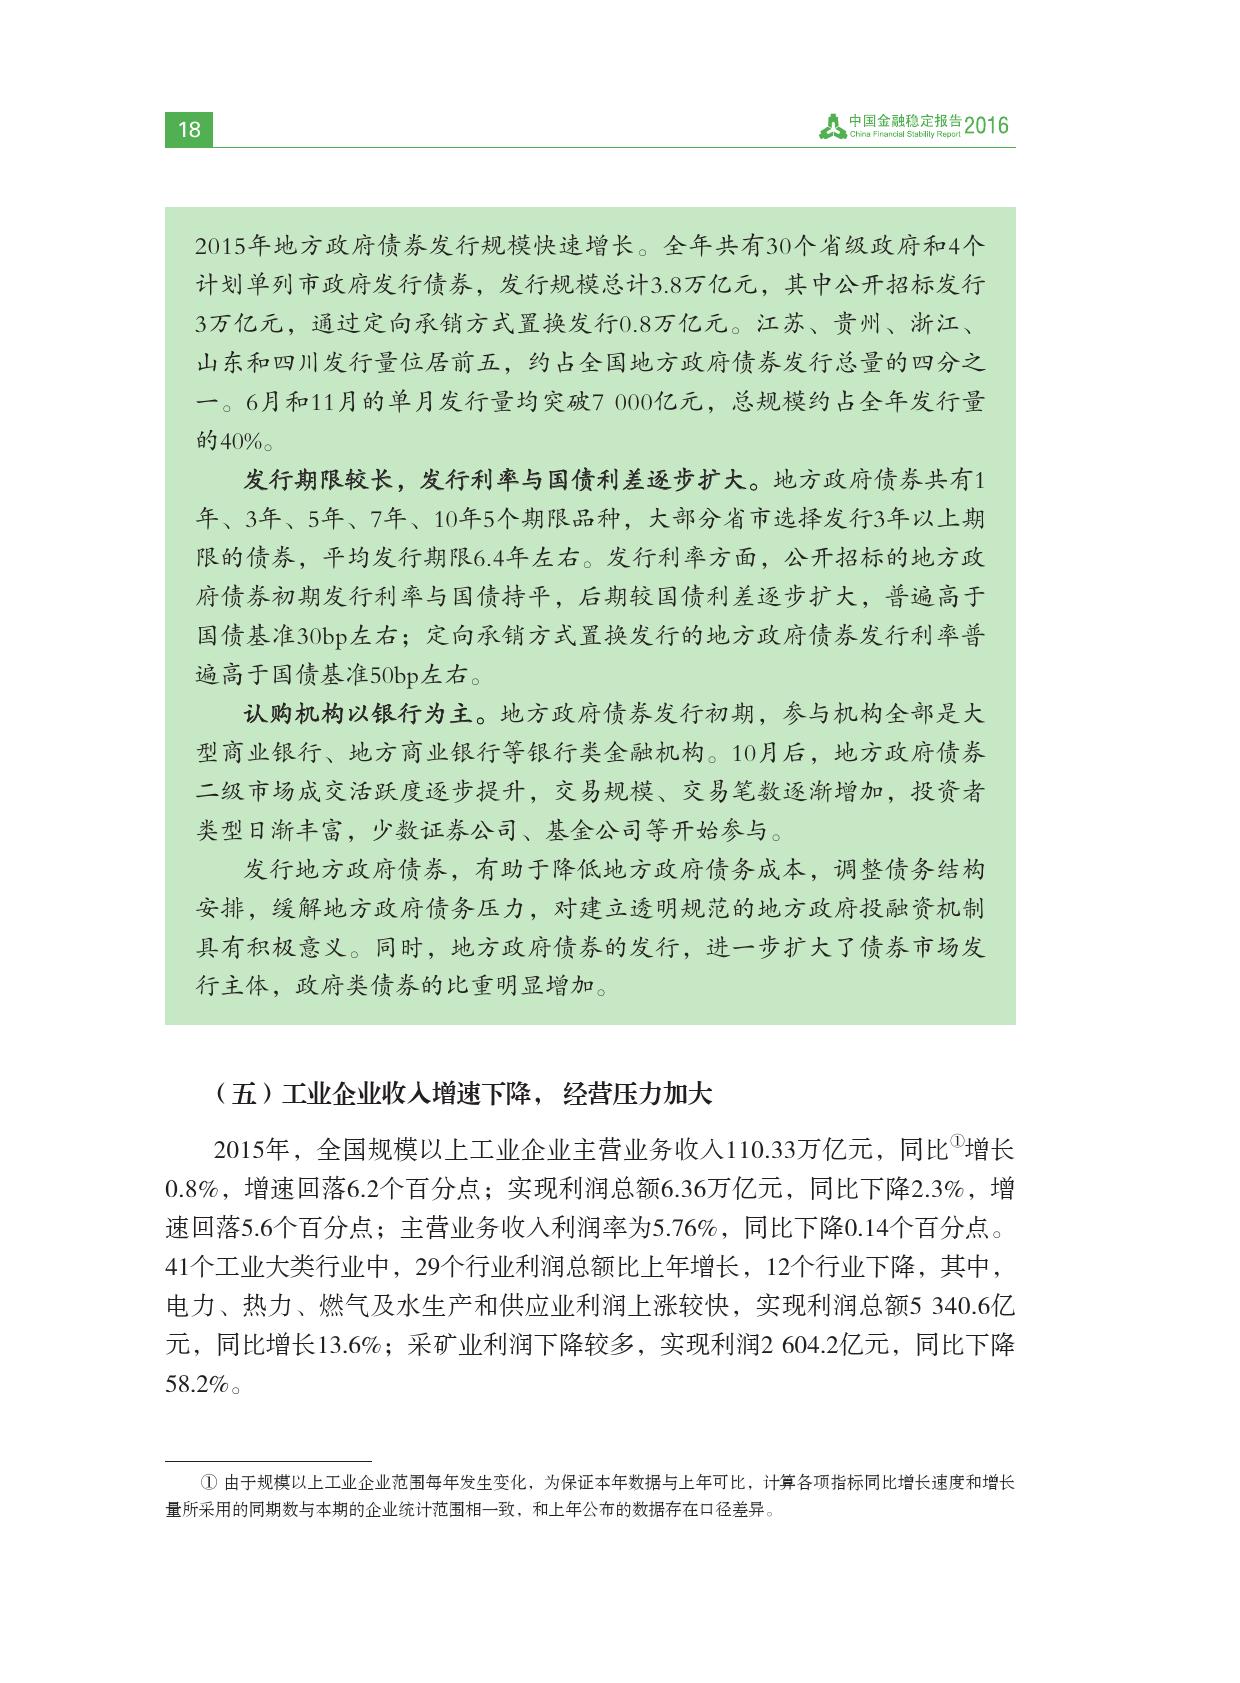 2016年中国金融稳定报告_000028